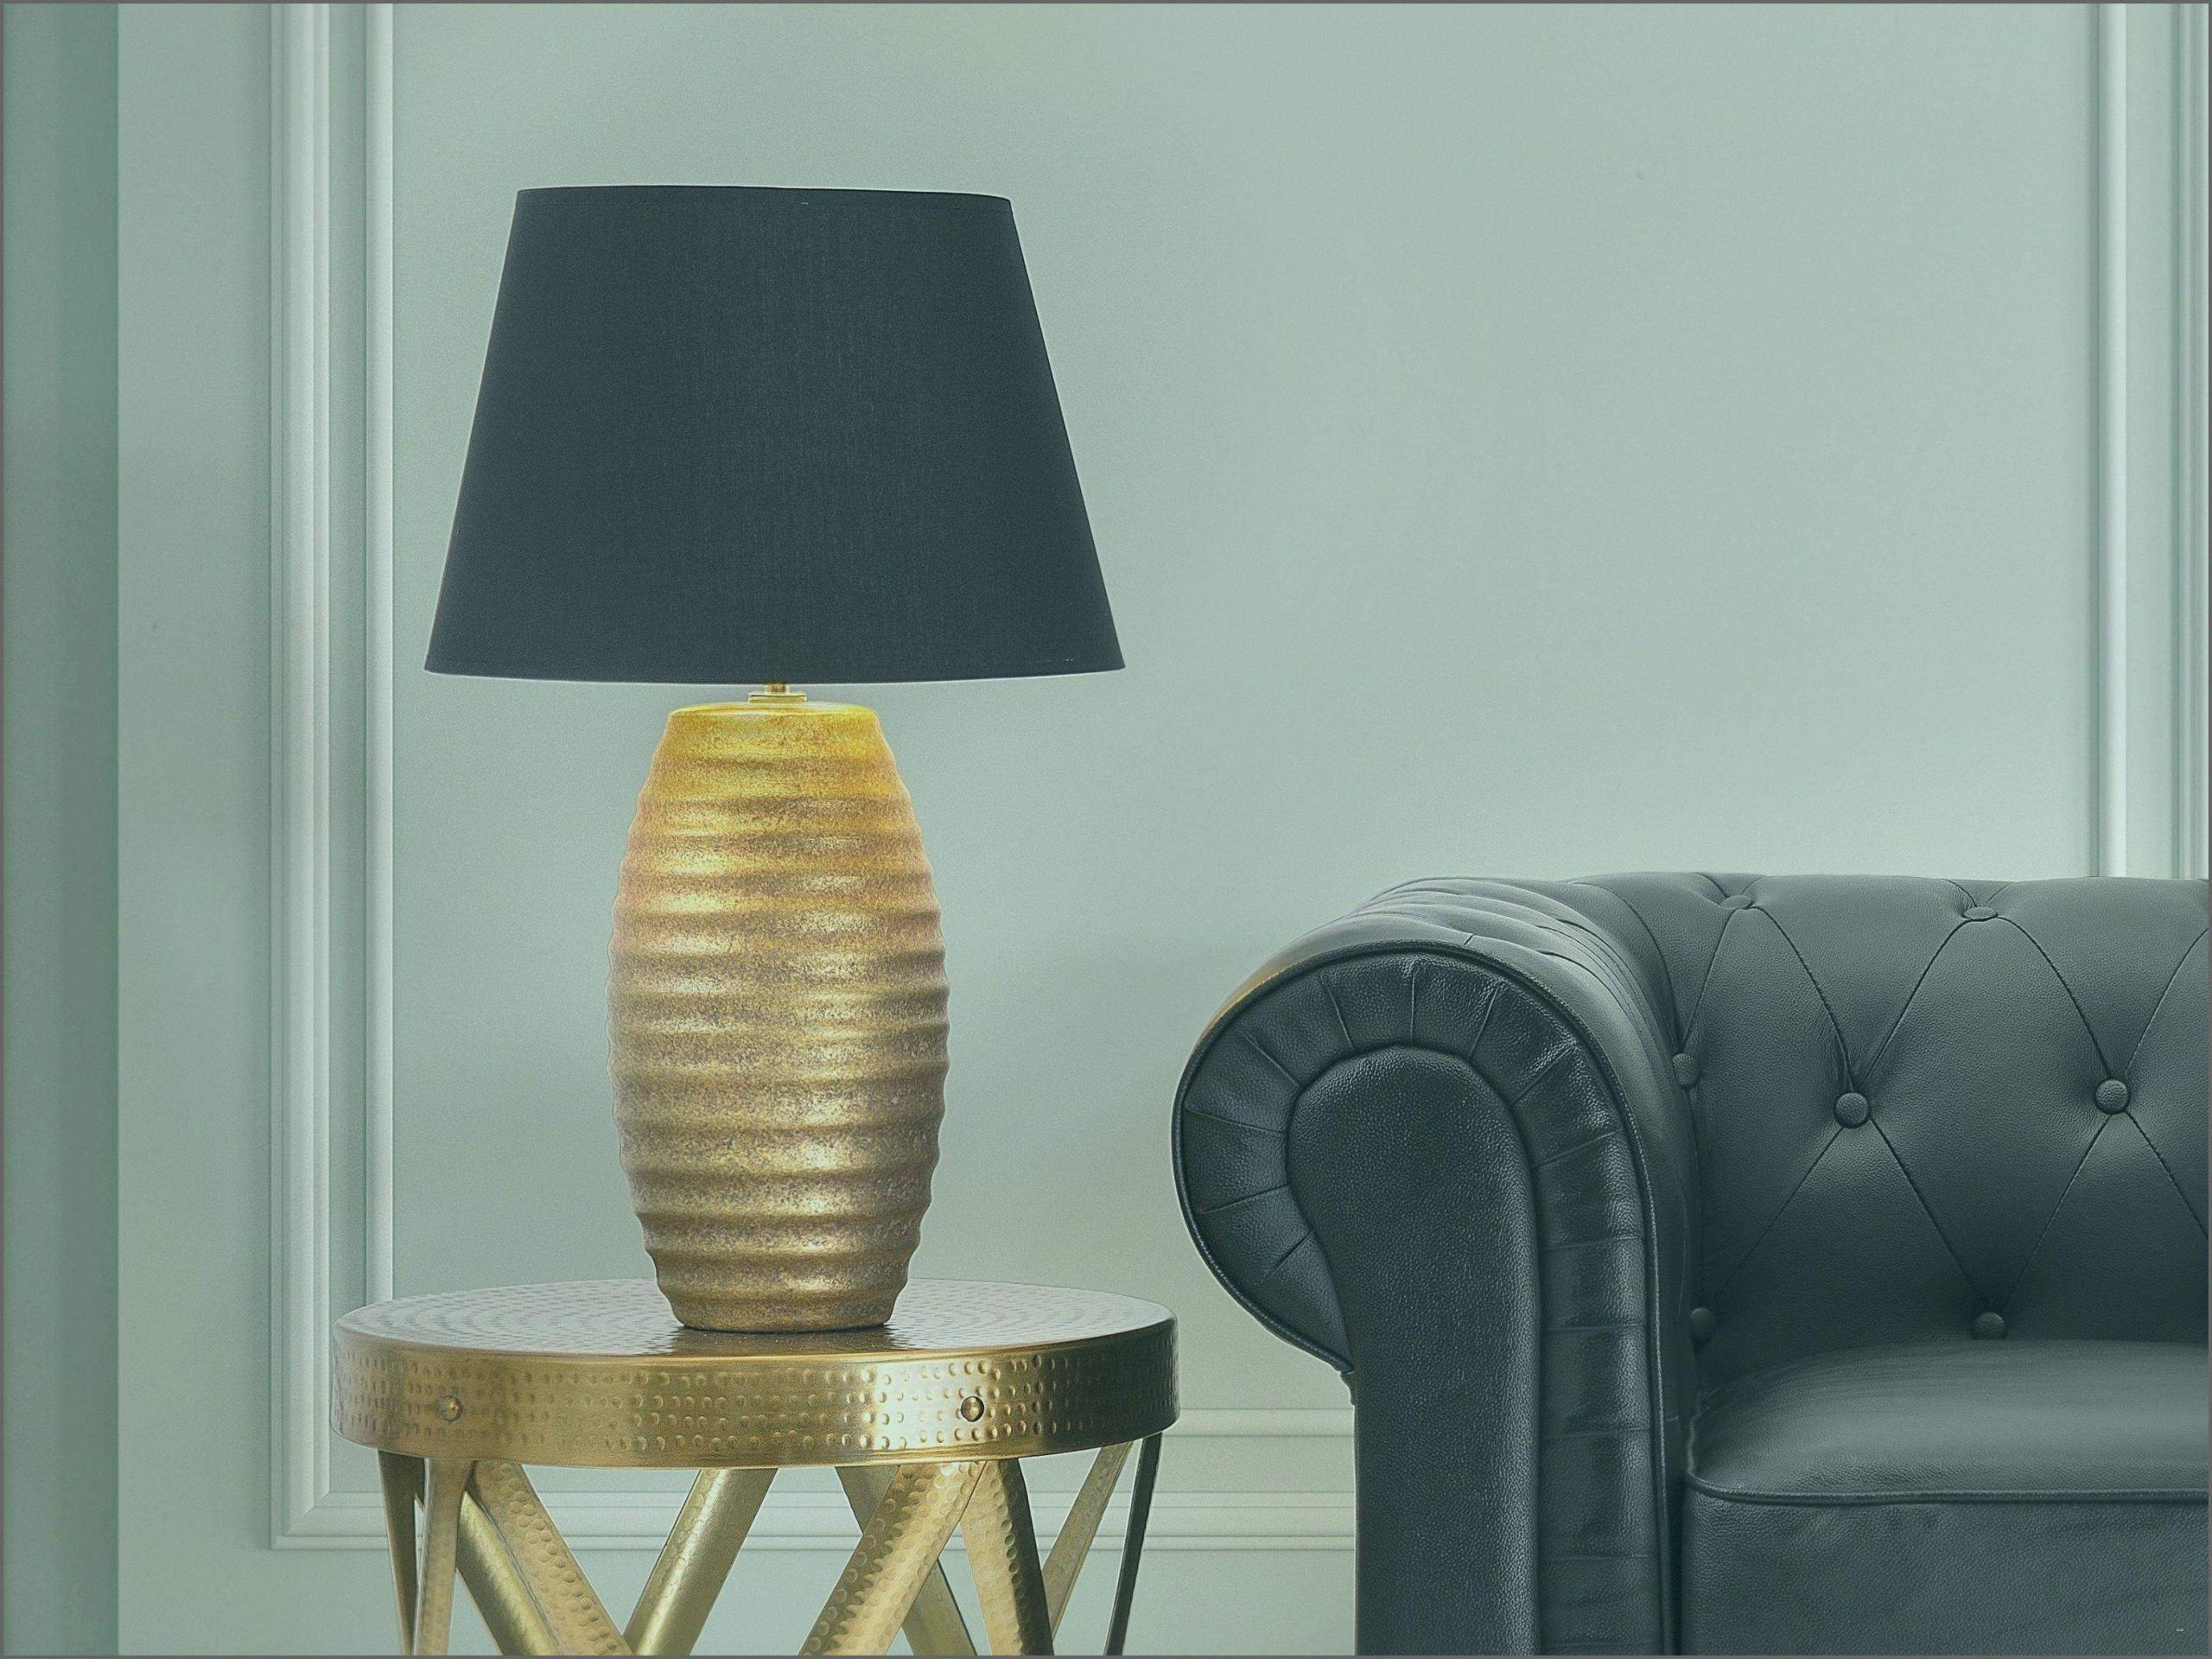 led leuchten wohnzimmer frisch 34 grosartig und makellos led lampen wohnzimmer of led leuchten wohnzimmer